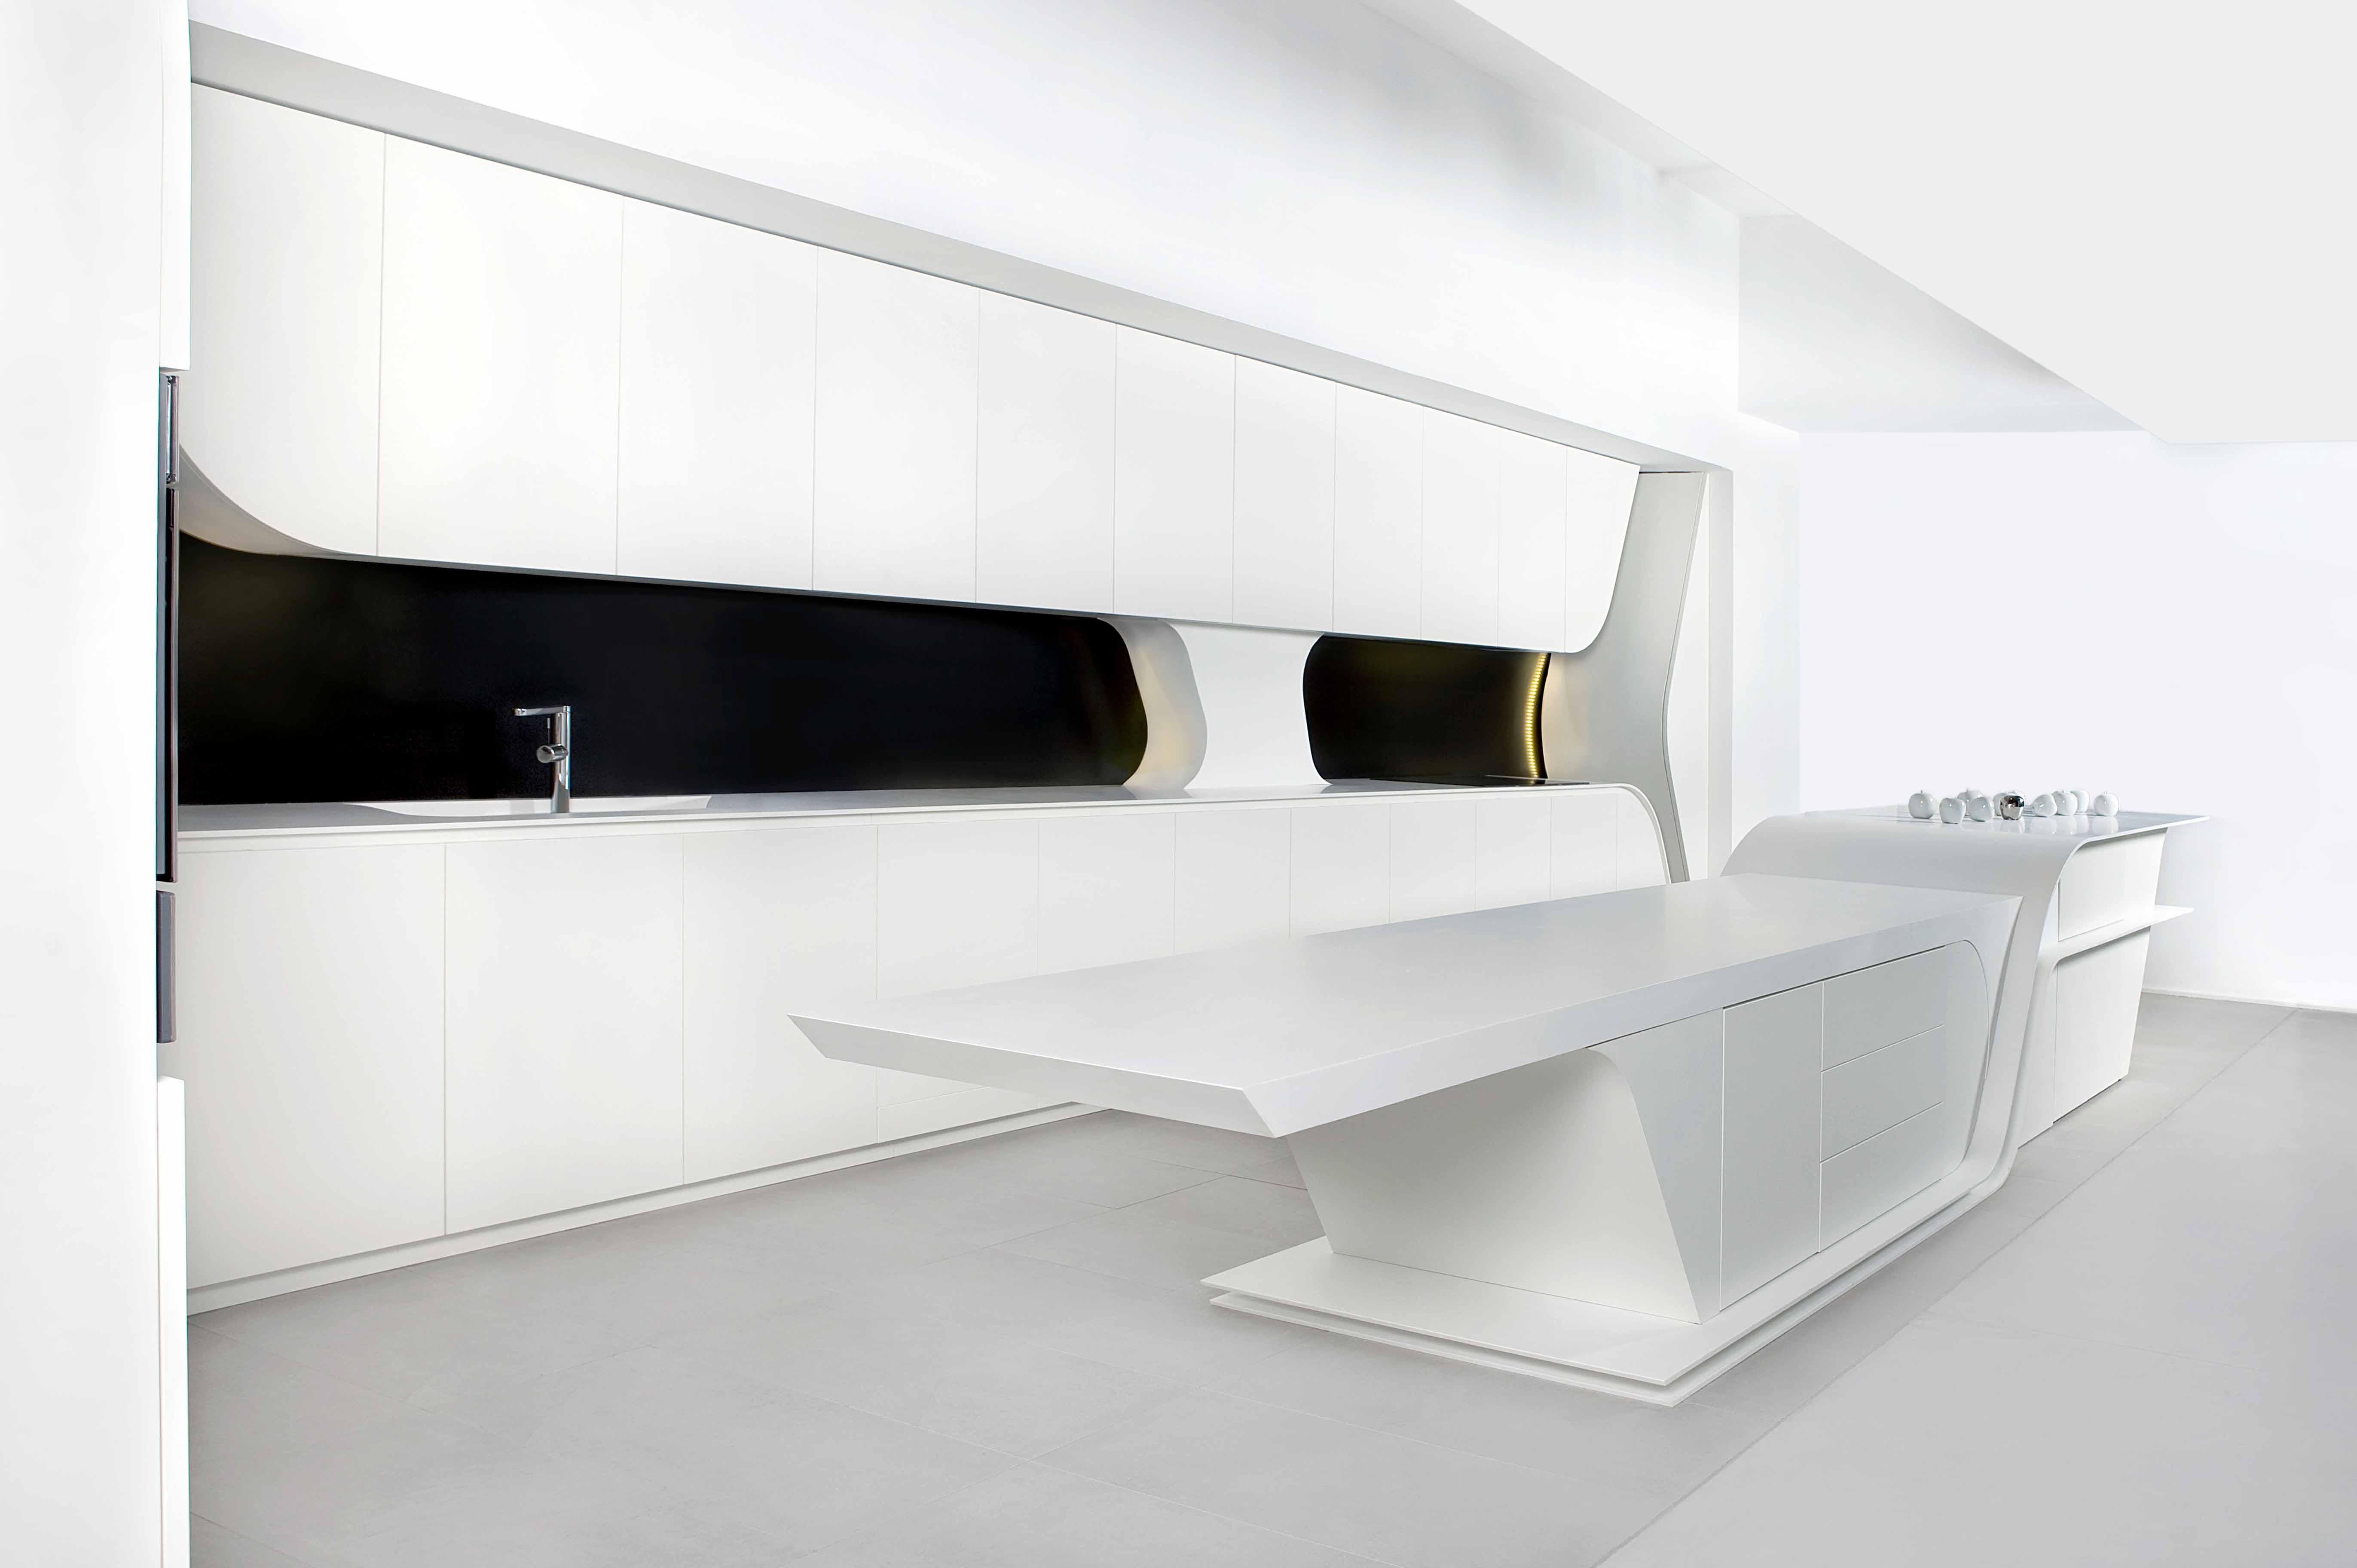 Cocina de dise o vanguardista modelo wave gunni trentino for Gunni trentino hogar